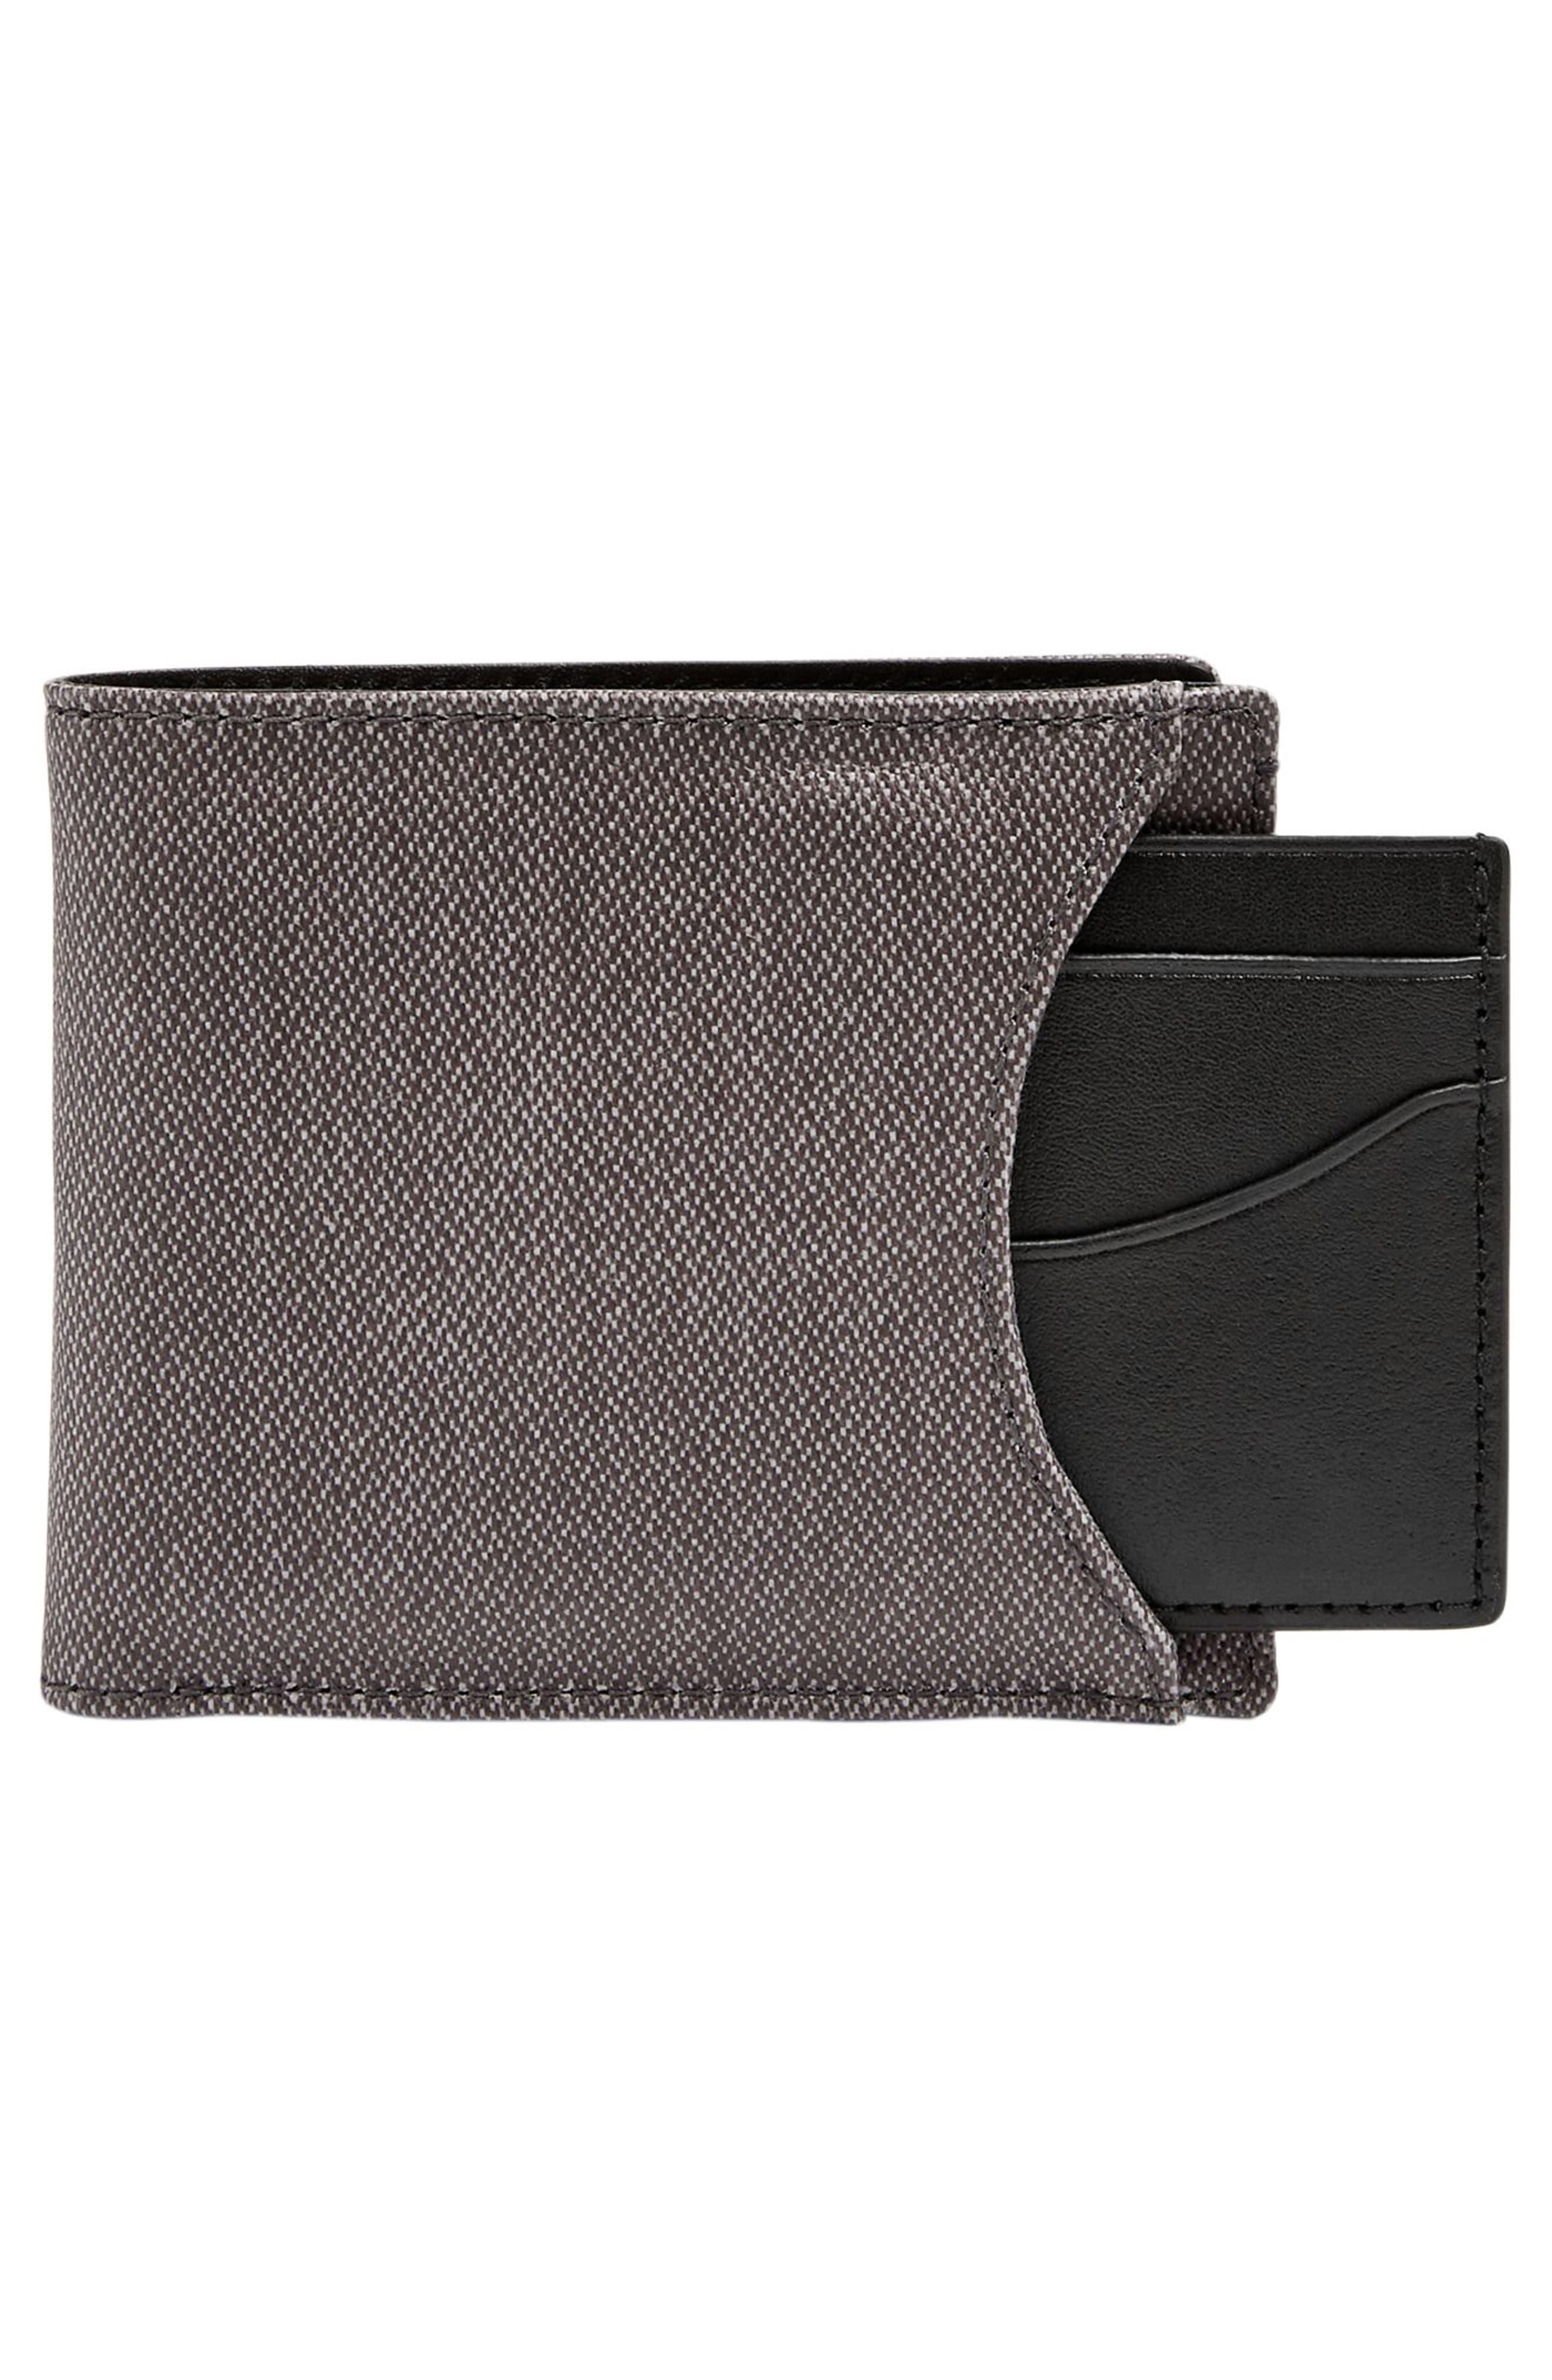 Alternate Image 3  - Skagen Passcase Wallet